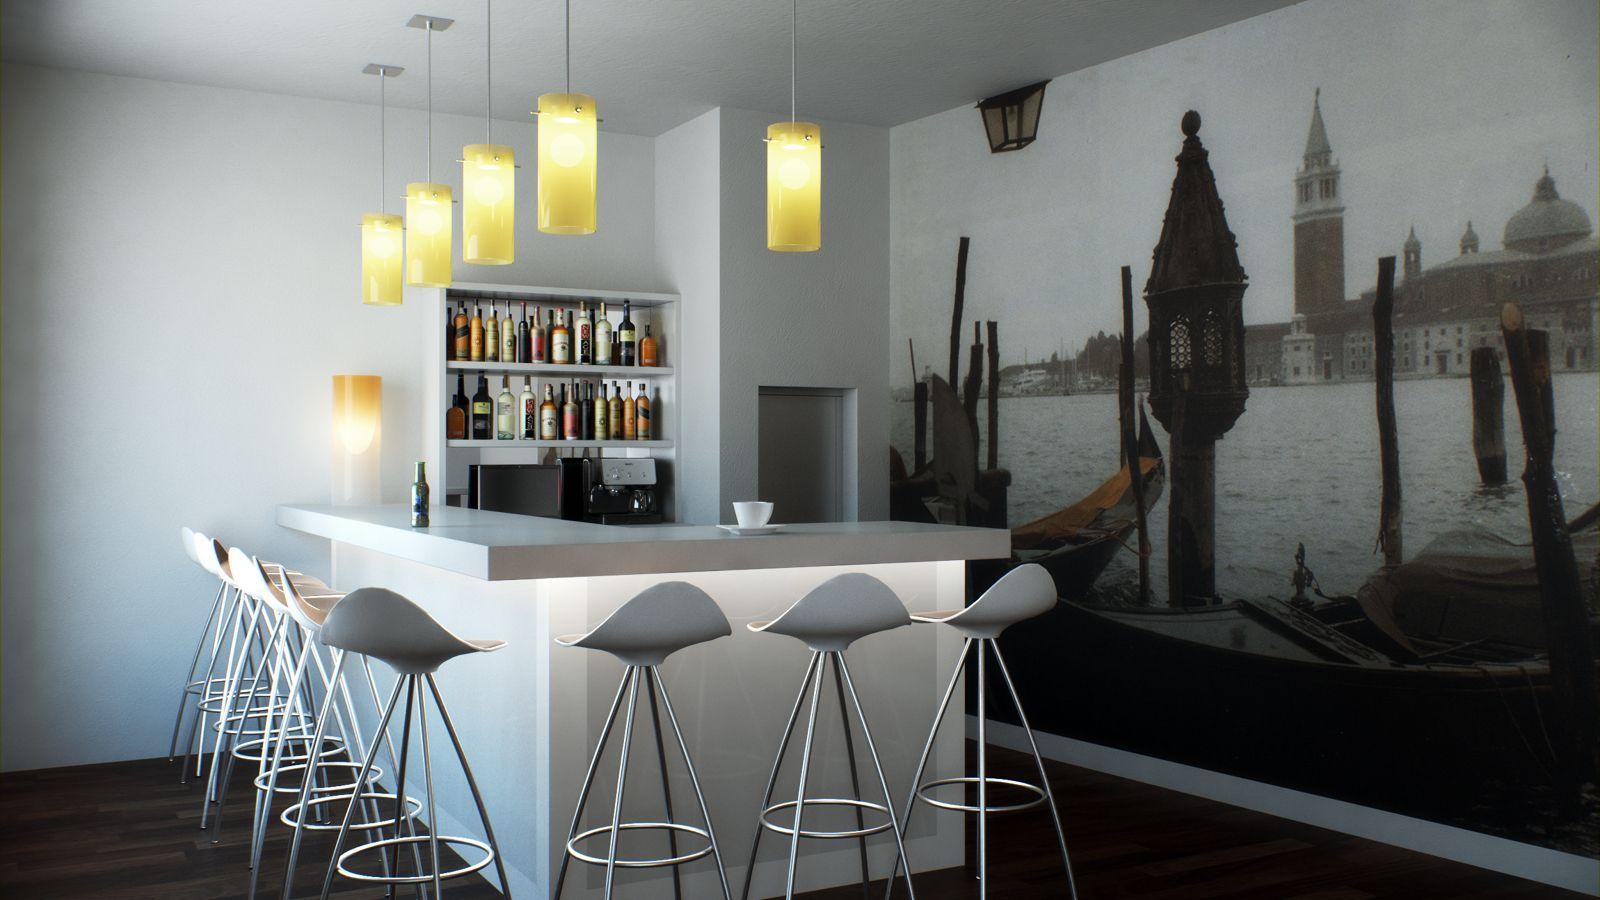 Restaurante mediterraneo s tanos pinterest ideas - Restaurante mediterraneo pinedo ...